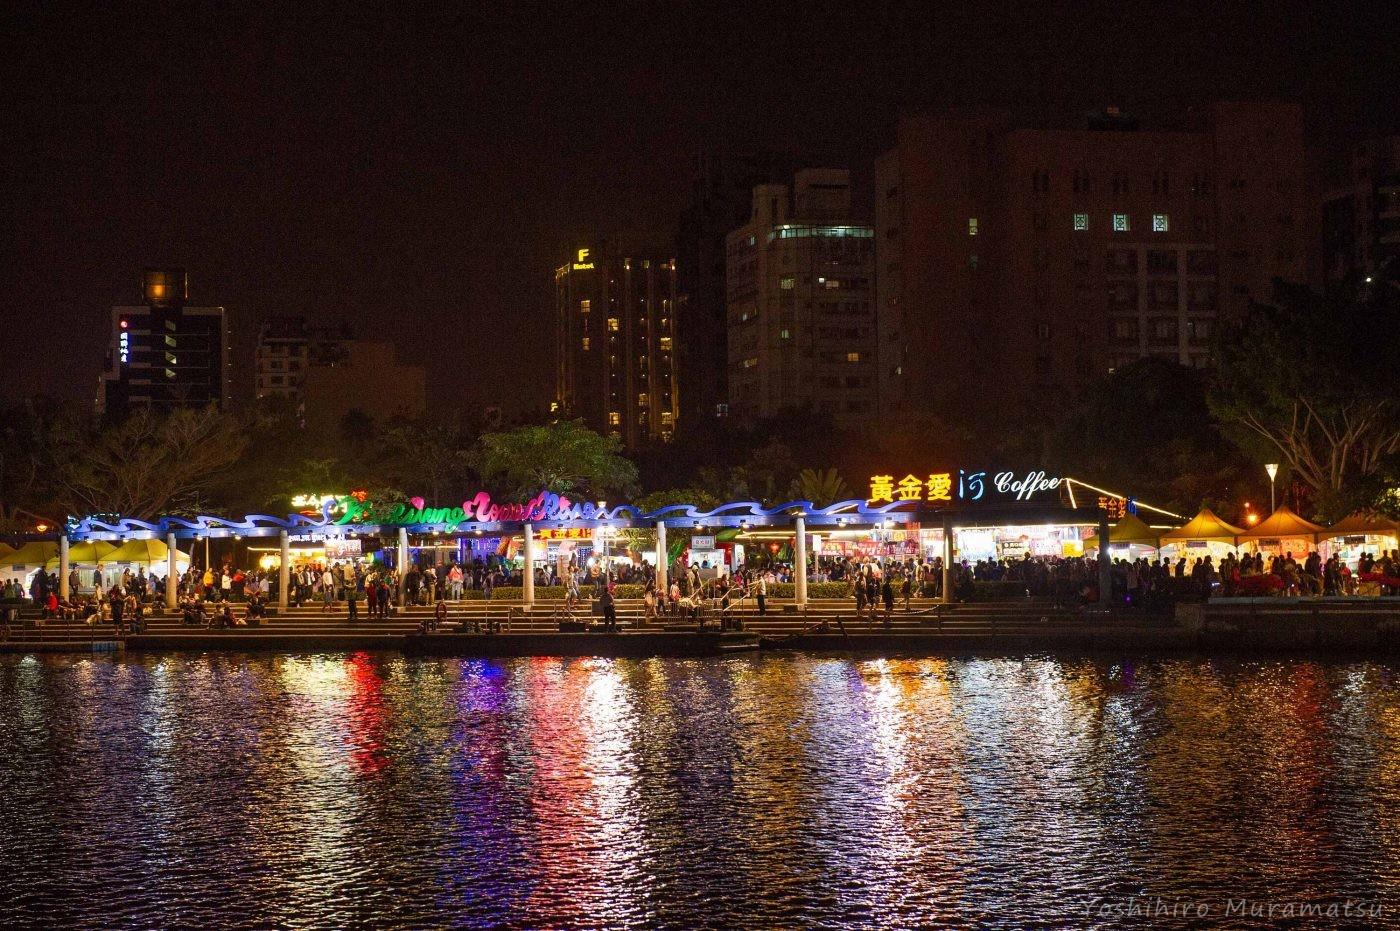 祭りの風景。大きな川の両側がずっと祭りの会場になっています。